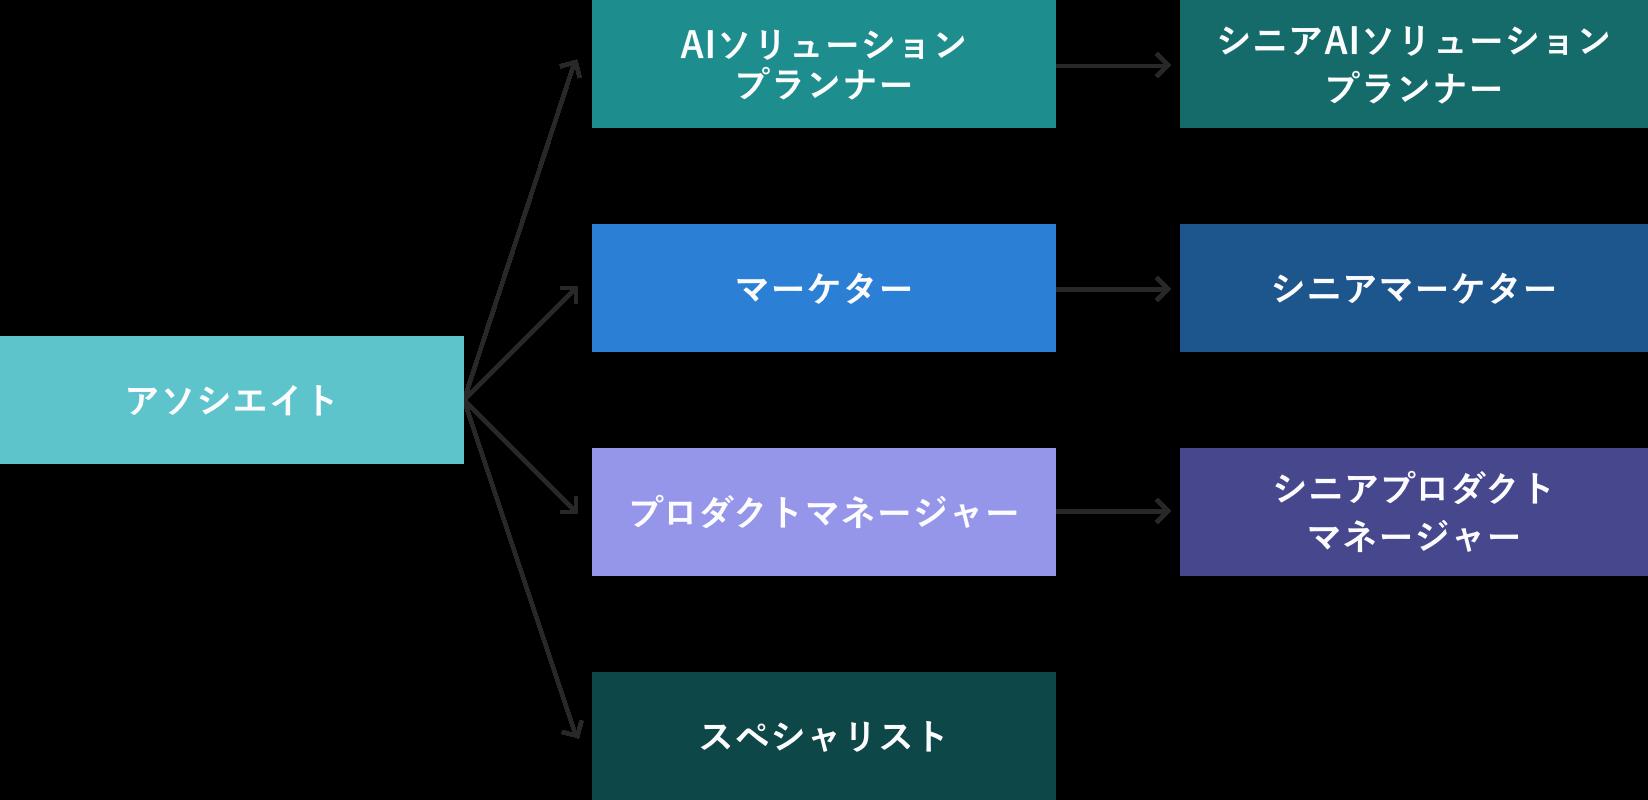 営業部 キャリアパス 図